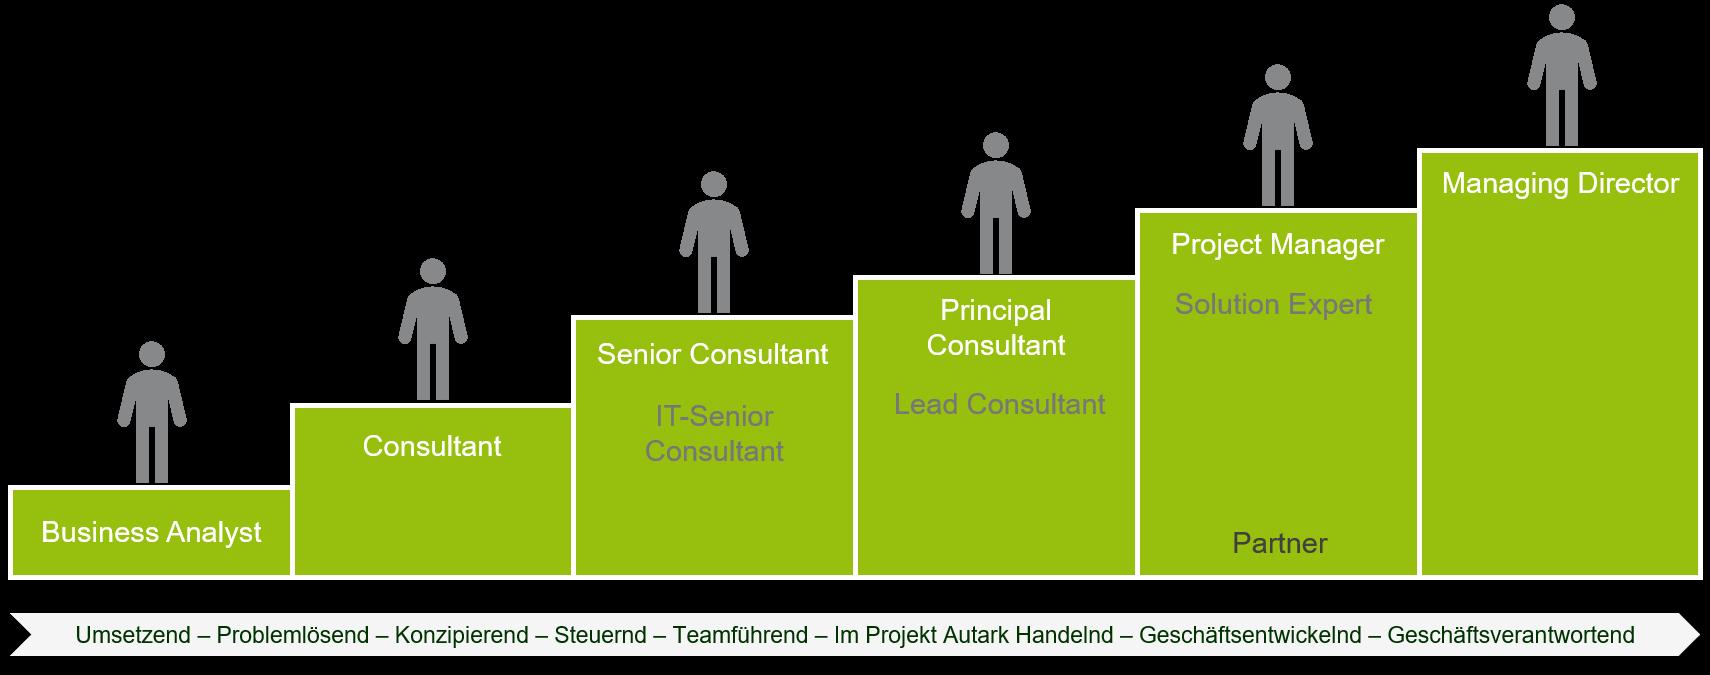 Karriere: Karrieremodell der Greenlight nach erreichbarer Positionen